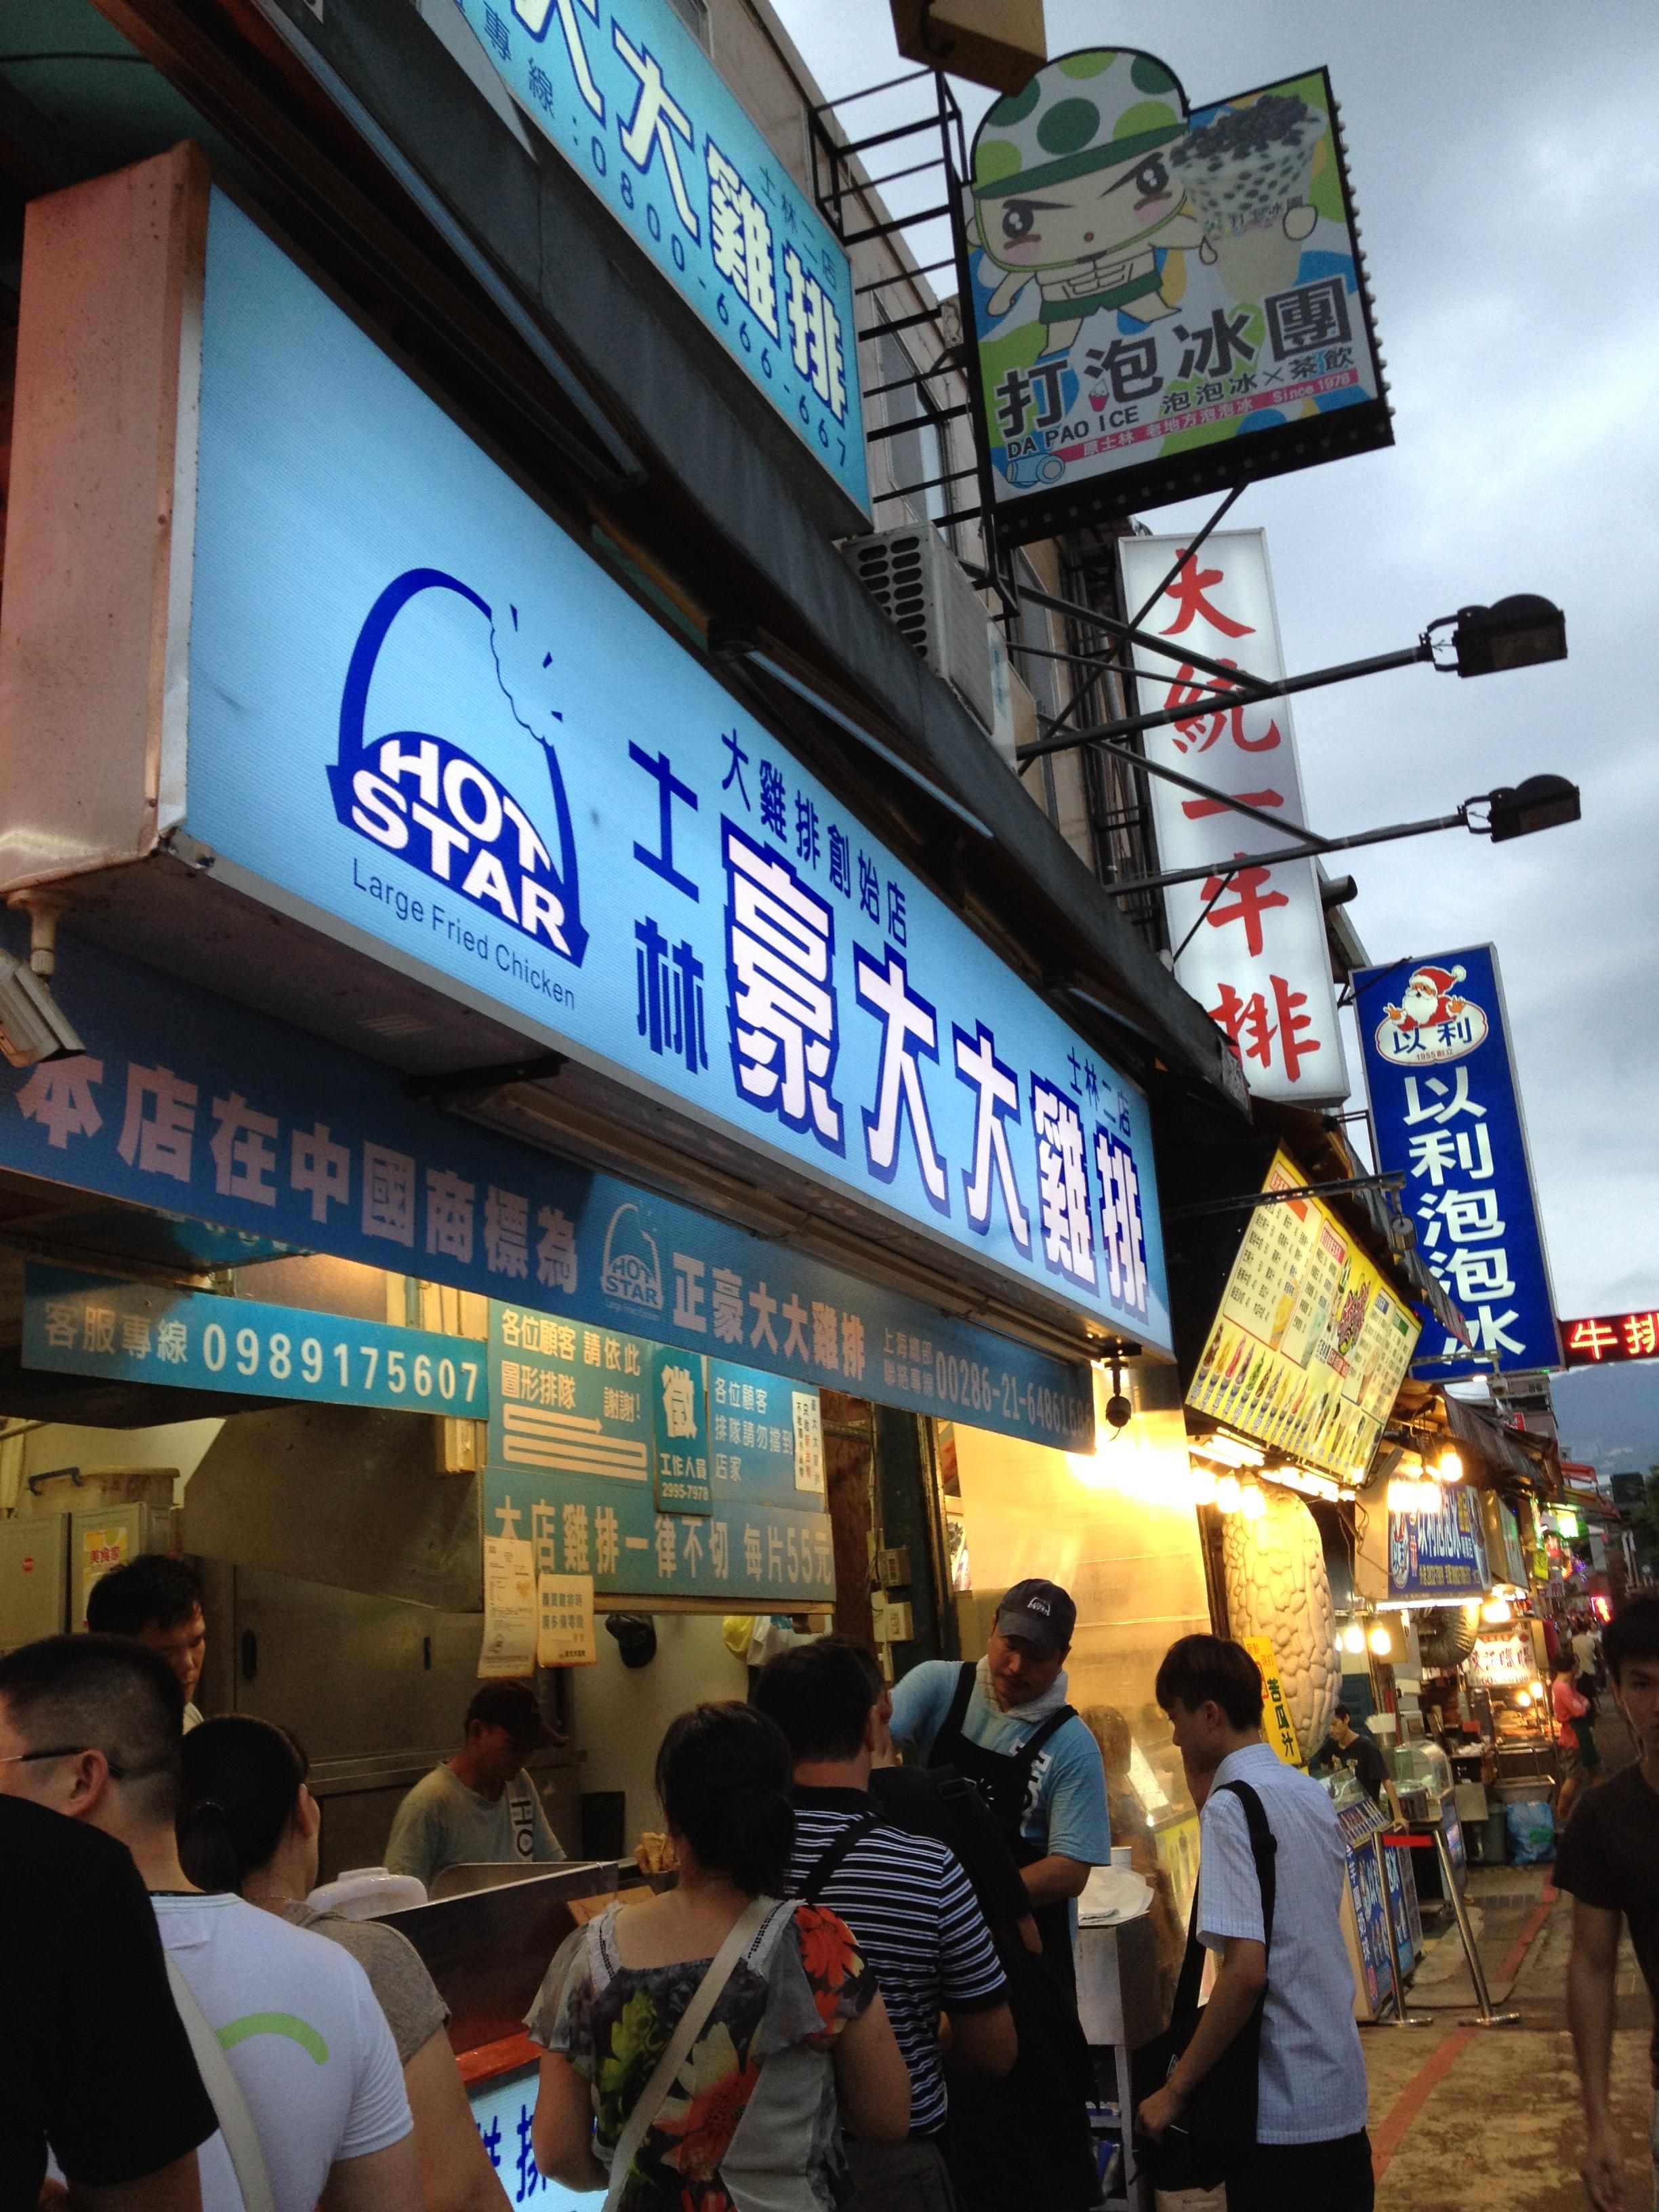 士林夜市是台湾最大的夜市,主要分两大块,一块由阳明戏院及慈城宫为中心的商业街,有精品店、服饰店、鞋店和运动用品店家等;一块是夜市美食街,汇集了大江南北各种美食小吃,人声鼎沸,很是热闹。 必吃美食推荐: 老士林大饼包小饼如果说大肠包小肠全台都能吃得着,那大饼包小饼士林夜市最正宗。小饼炸得酥香包在厚实面皮中,小锤子一敲能听见美味诞生的声音。从最开始的芝麻、红豆发展到现在的花生、芋头、豆沙、椰子、咖喱、麻辣、香酥、肉松、黑胡椒等10种多口味,选择多多。 忠诚号蚵仔煎士林夜市最出名的蚵仔煎和生炒花枝,忠诚号